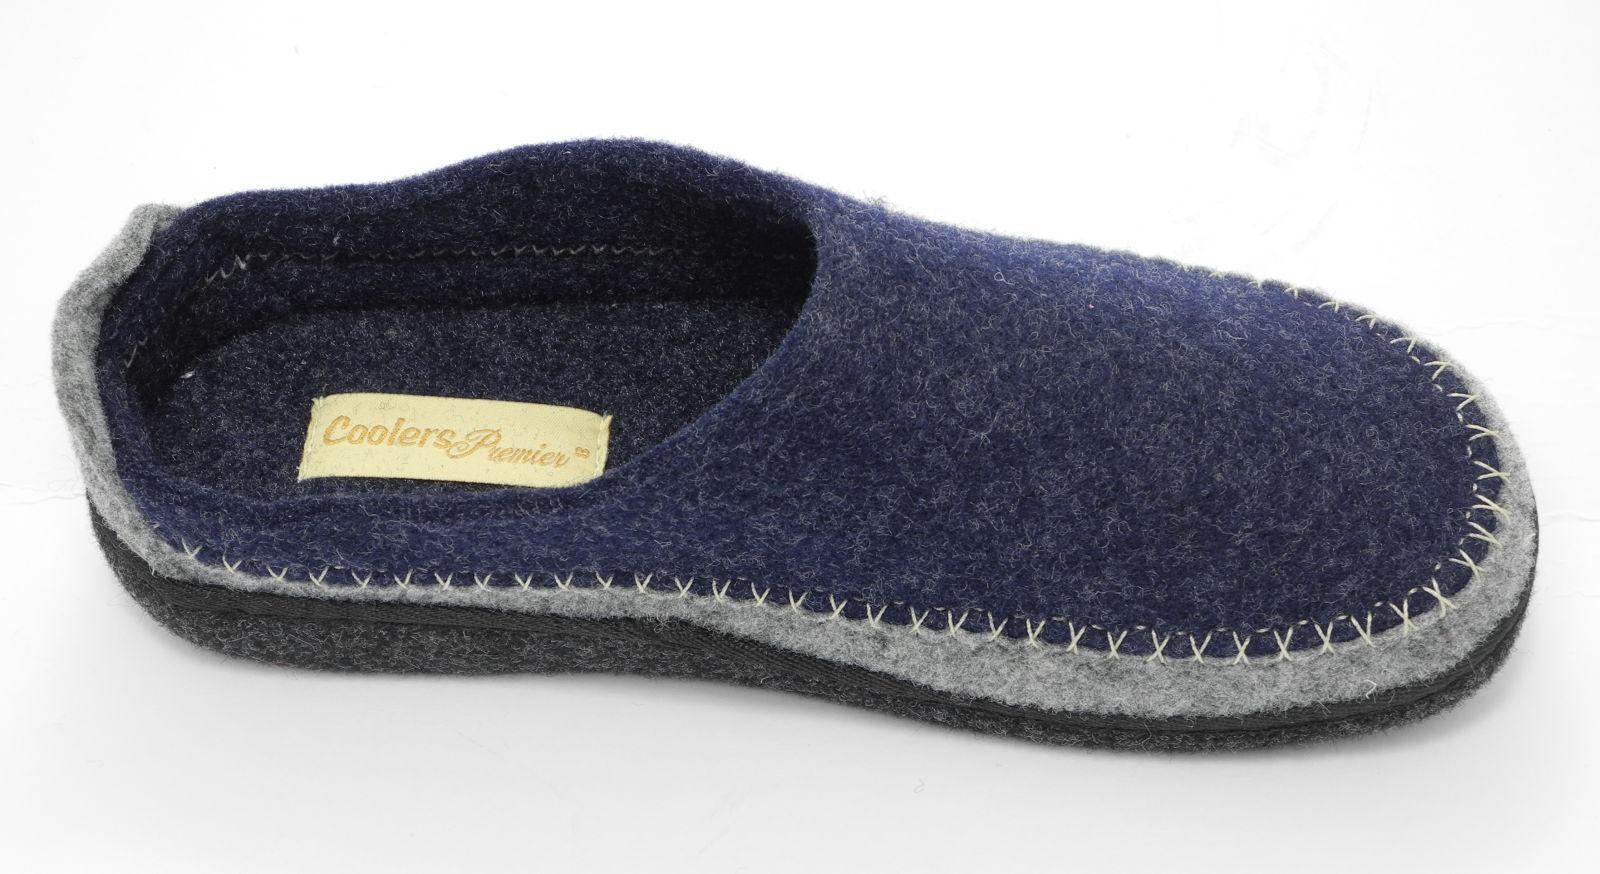 Felted slippers for women with lemon print, Handmade felt slippers, Housewarming gift ideas tropical fruit women slippers, Flower girl gift $ /5(K).